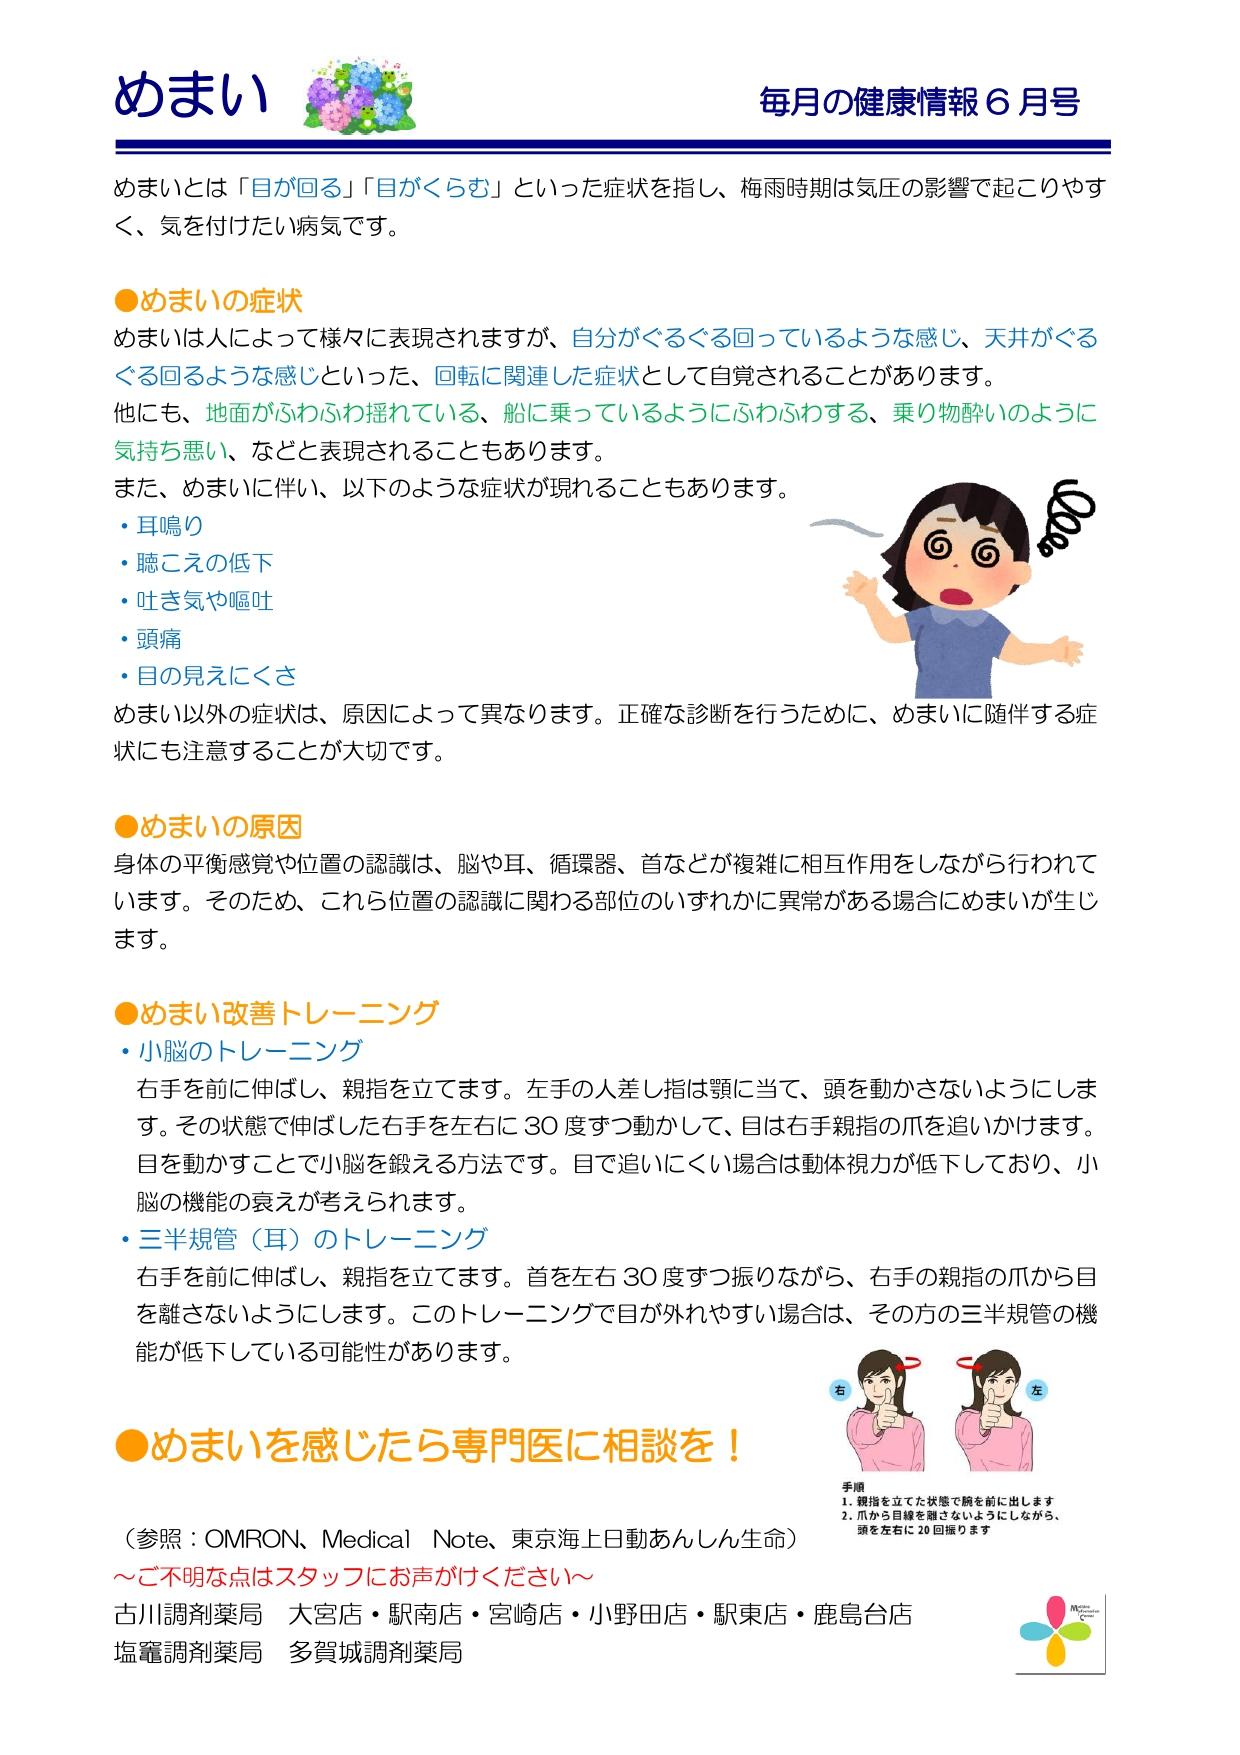 2021.6月健康情報 (003)_page-0001